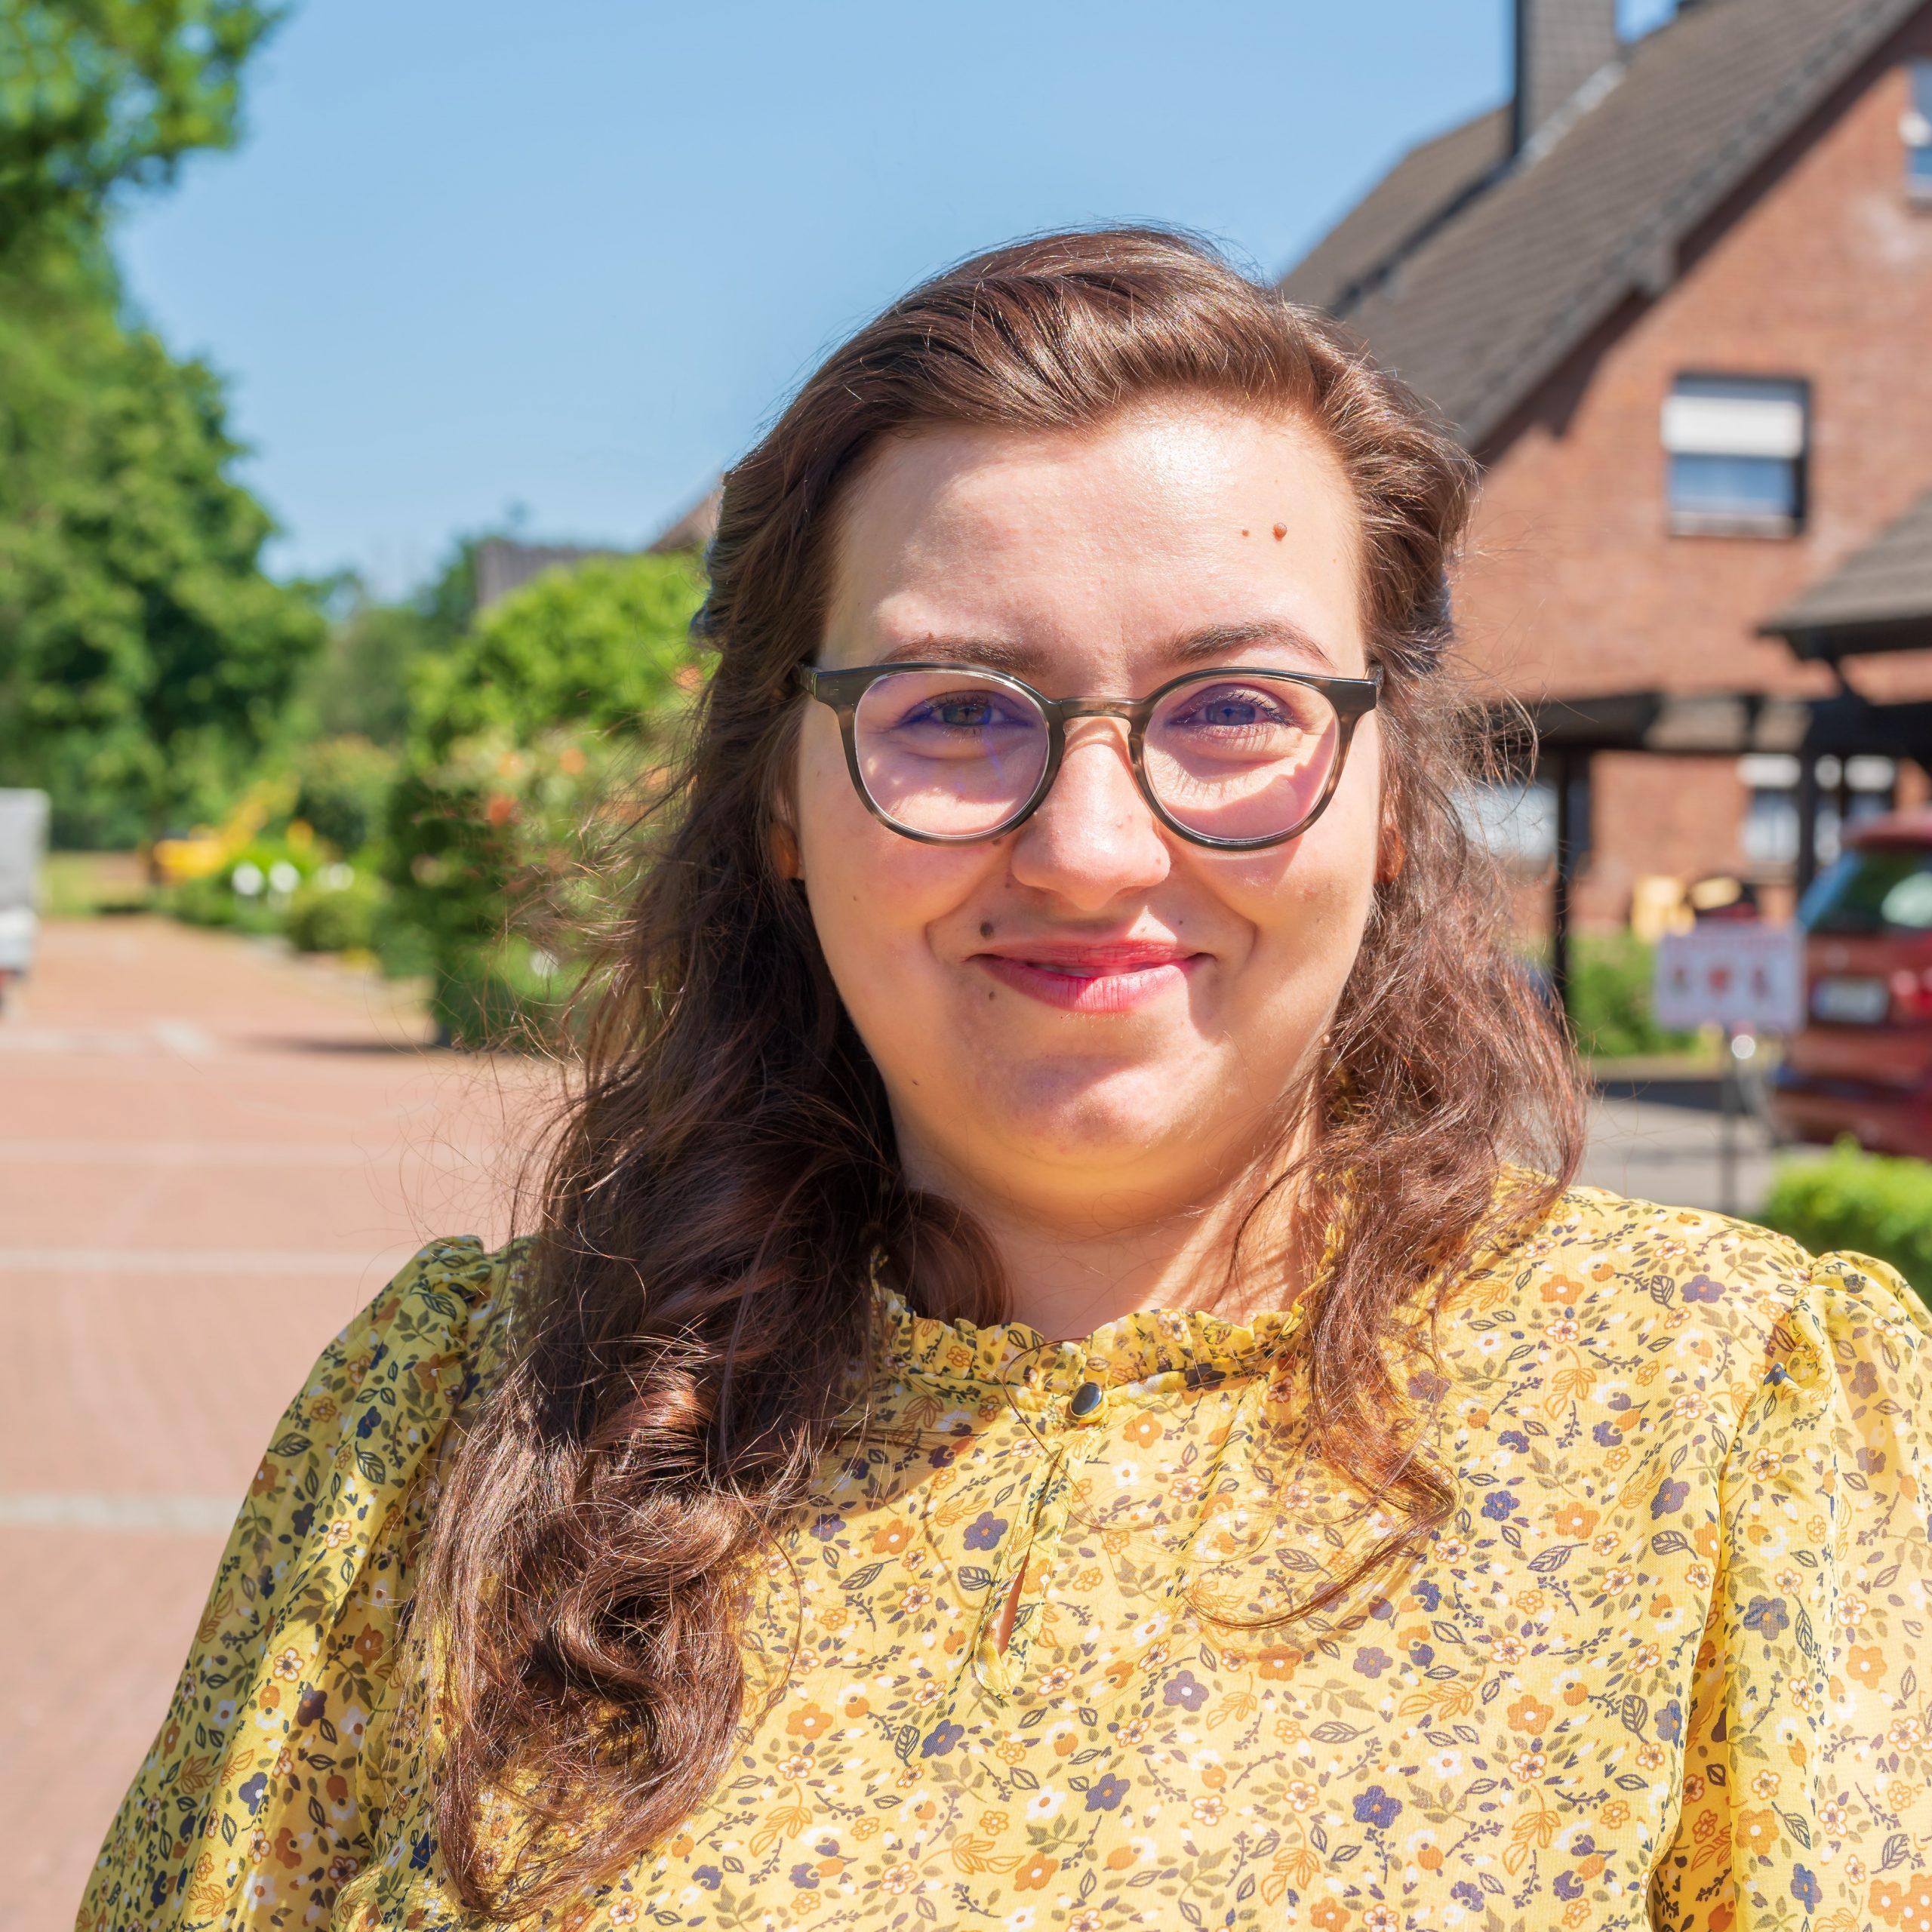 Mendina Scholte-Reh promoviert im Bereich Erziehungswissenschaften und setzt sich politisch für die Belange von Menschen mit Behinderung ein.